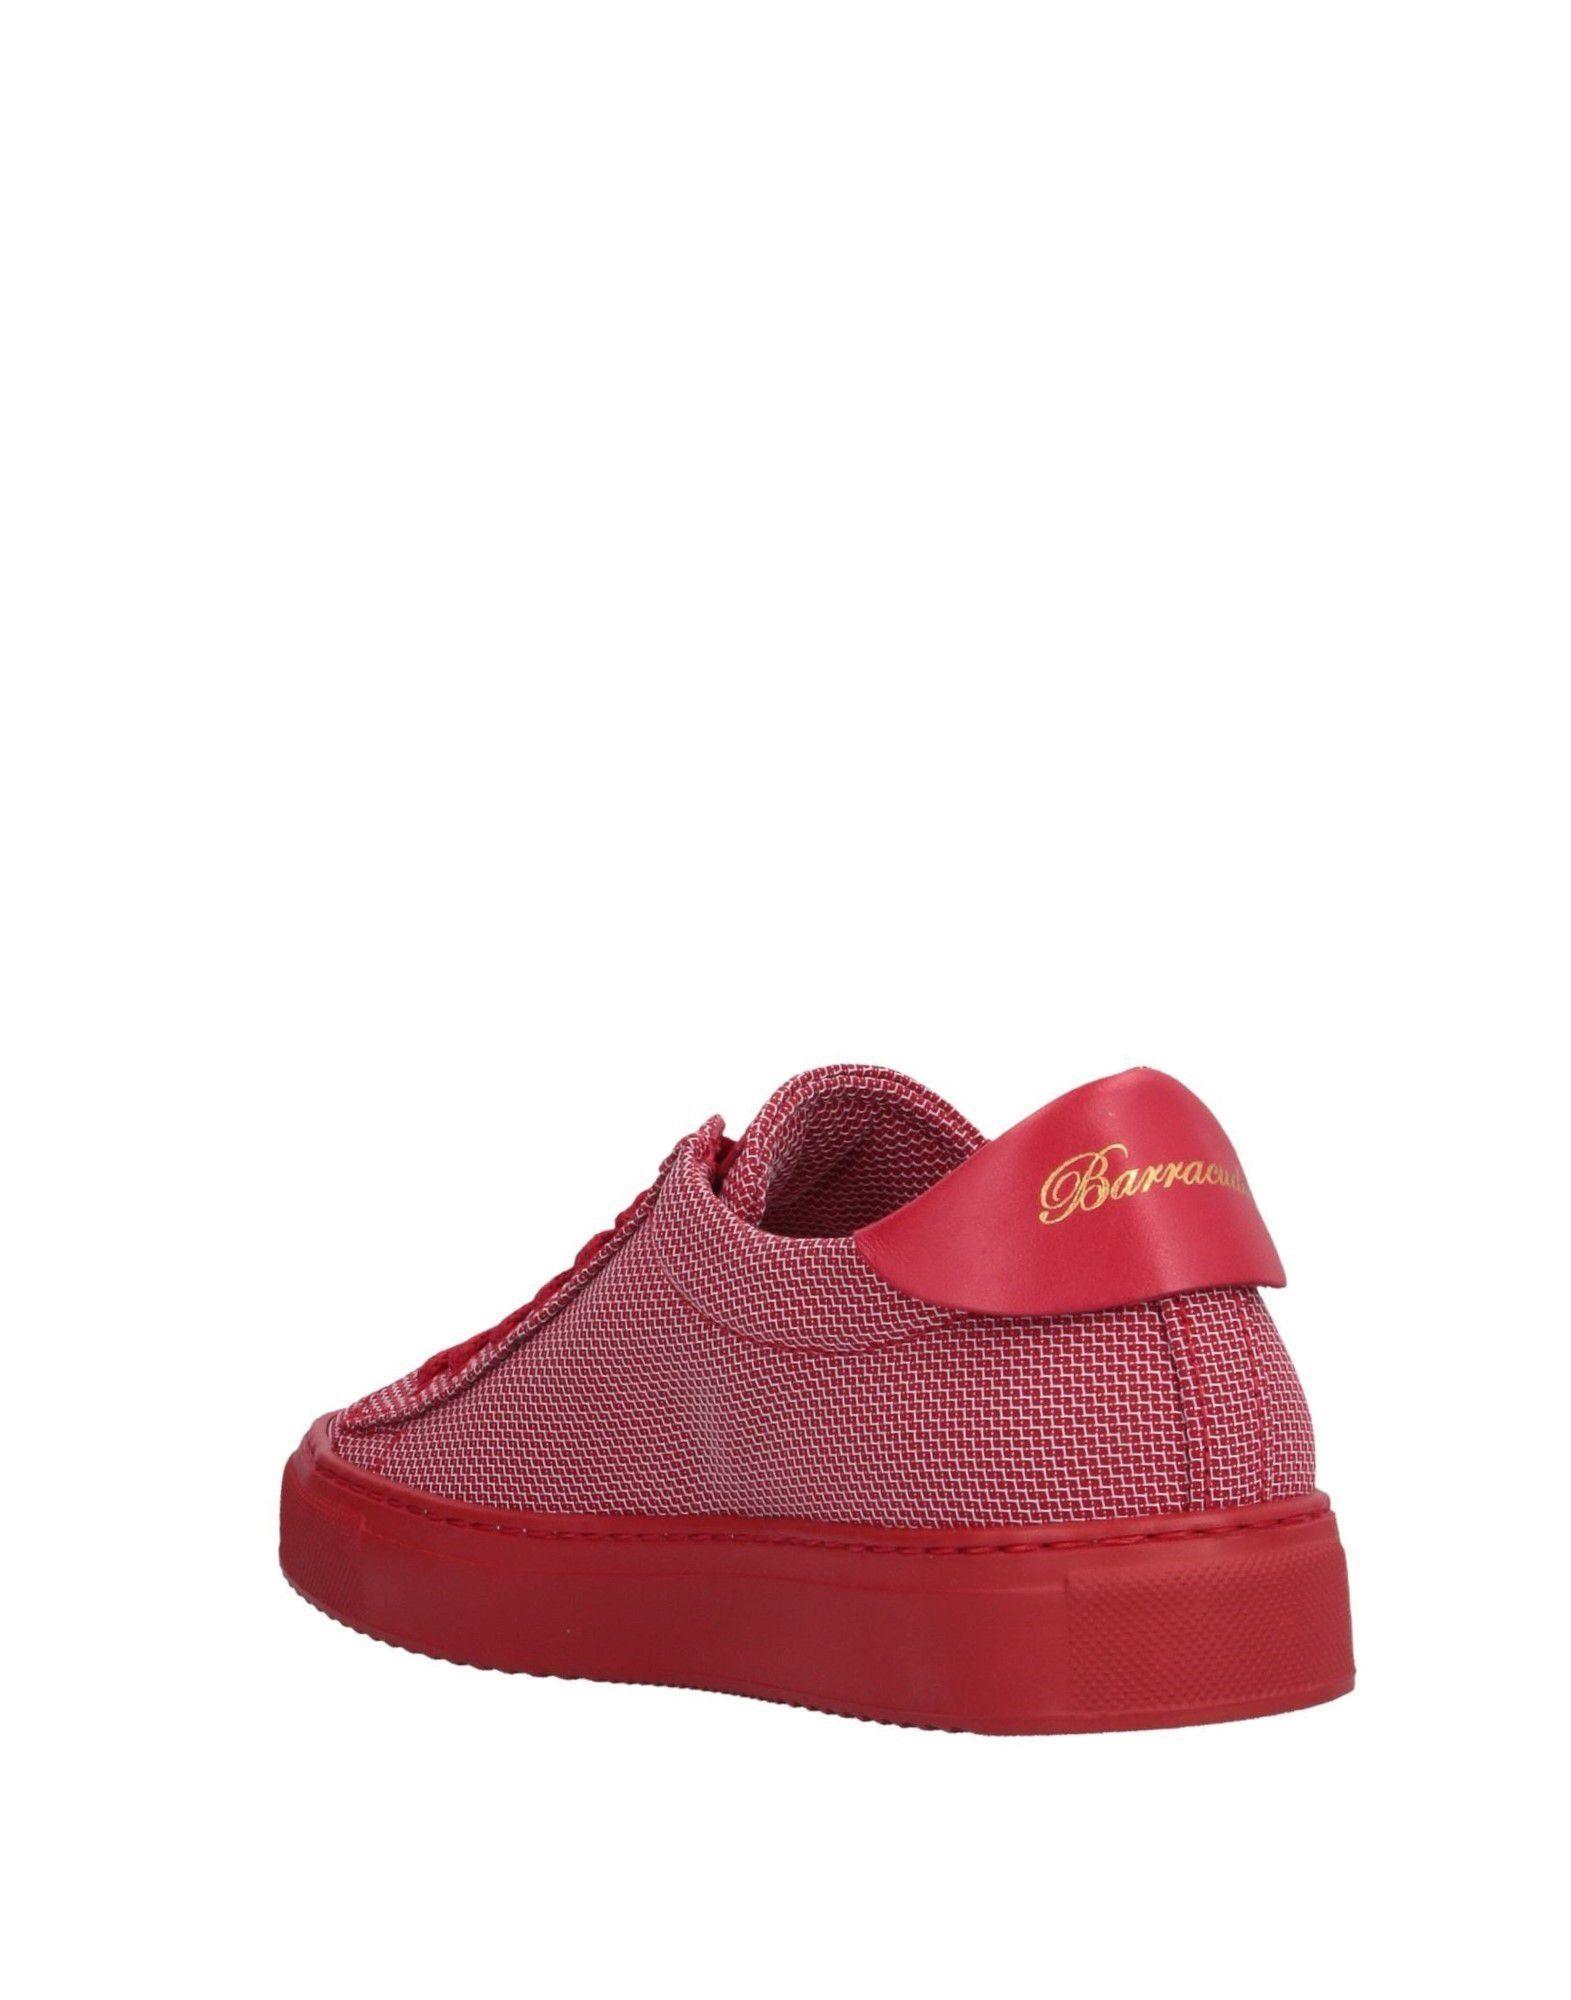 Sneakers & Deportivas Barracuda de color Rojo